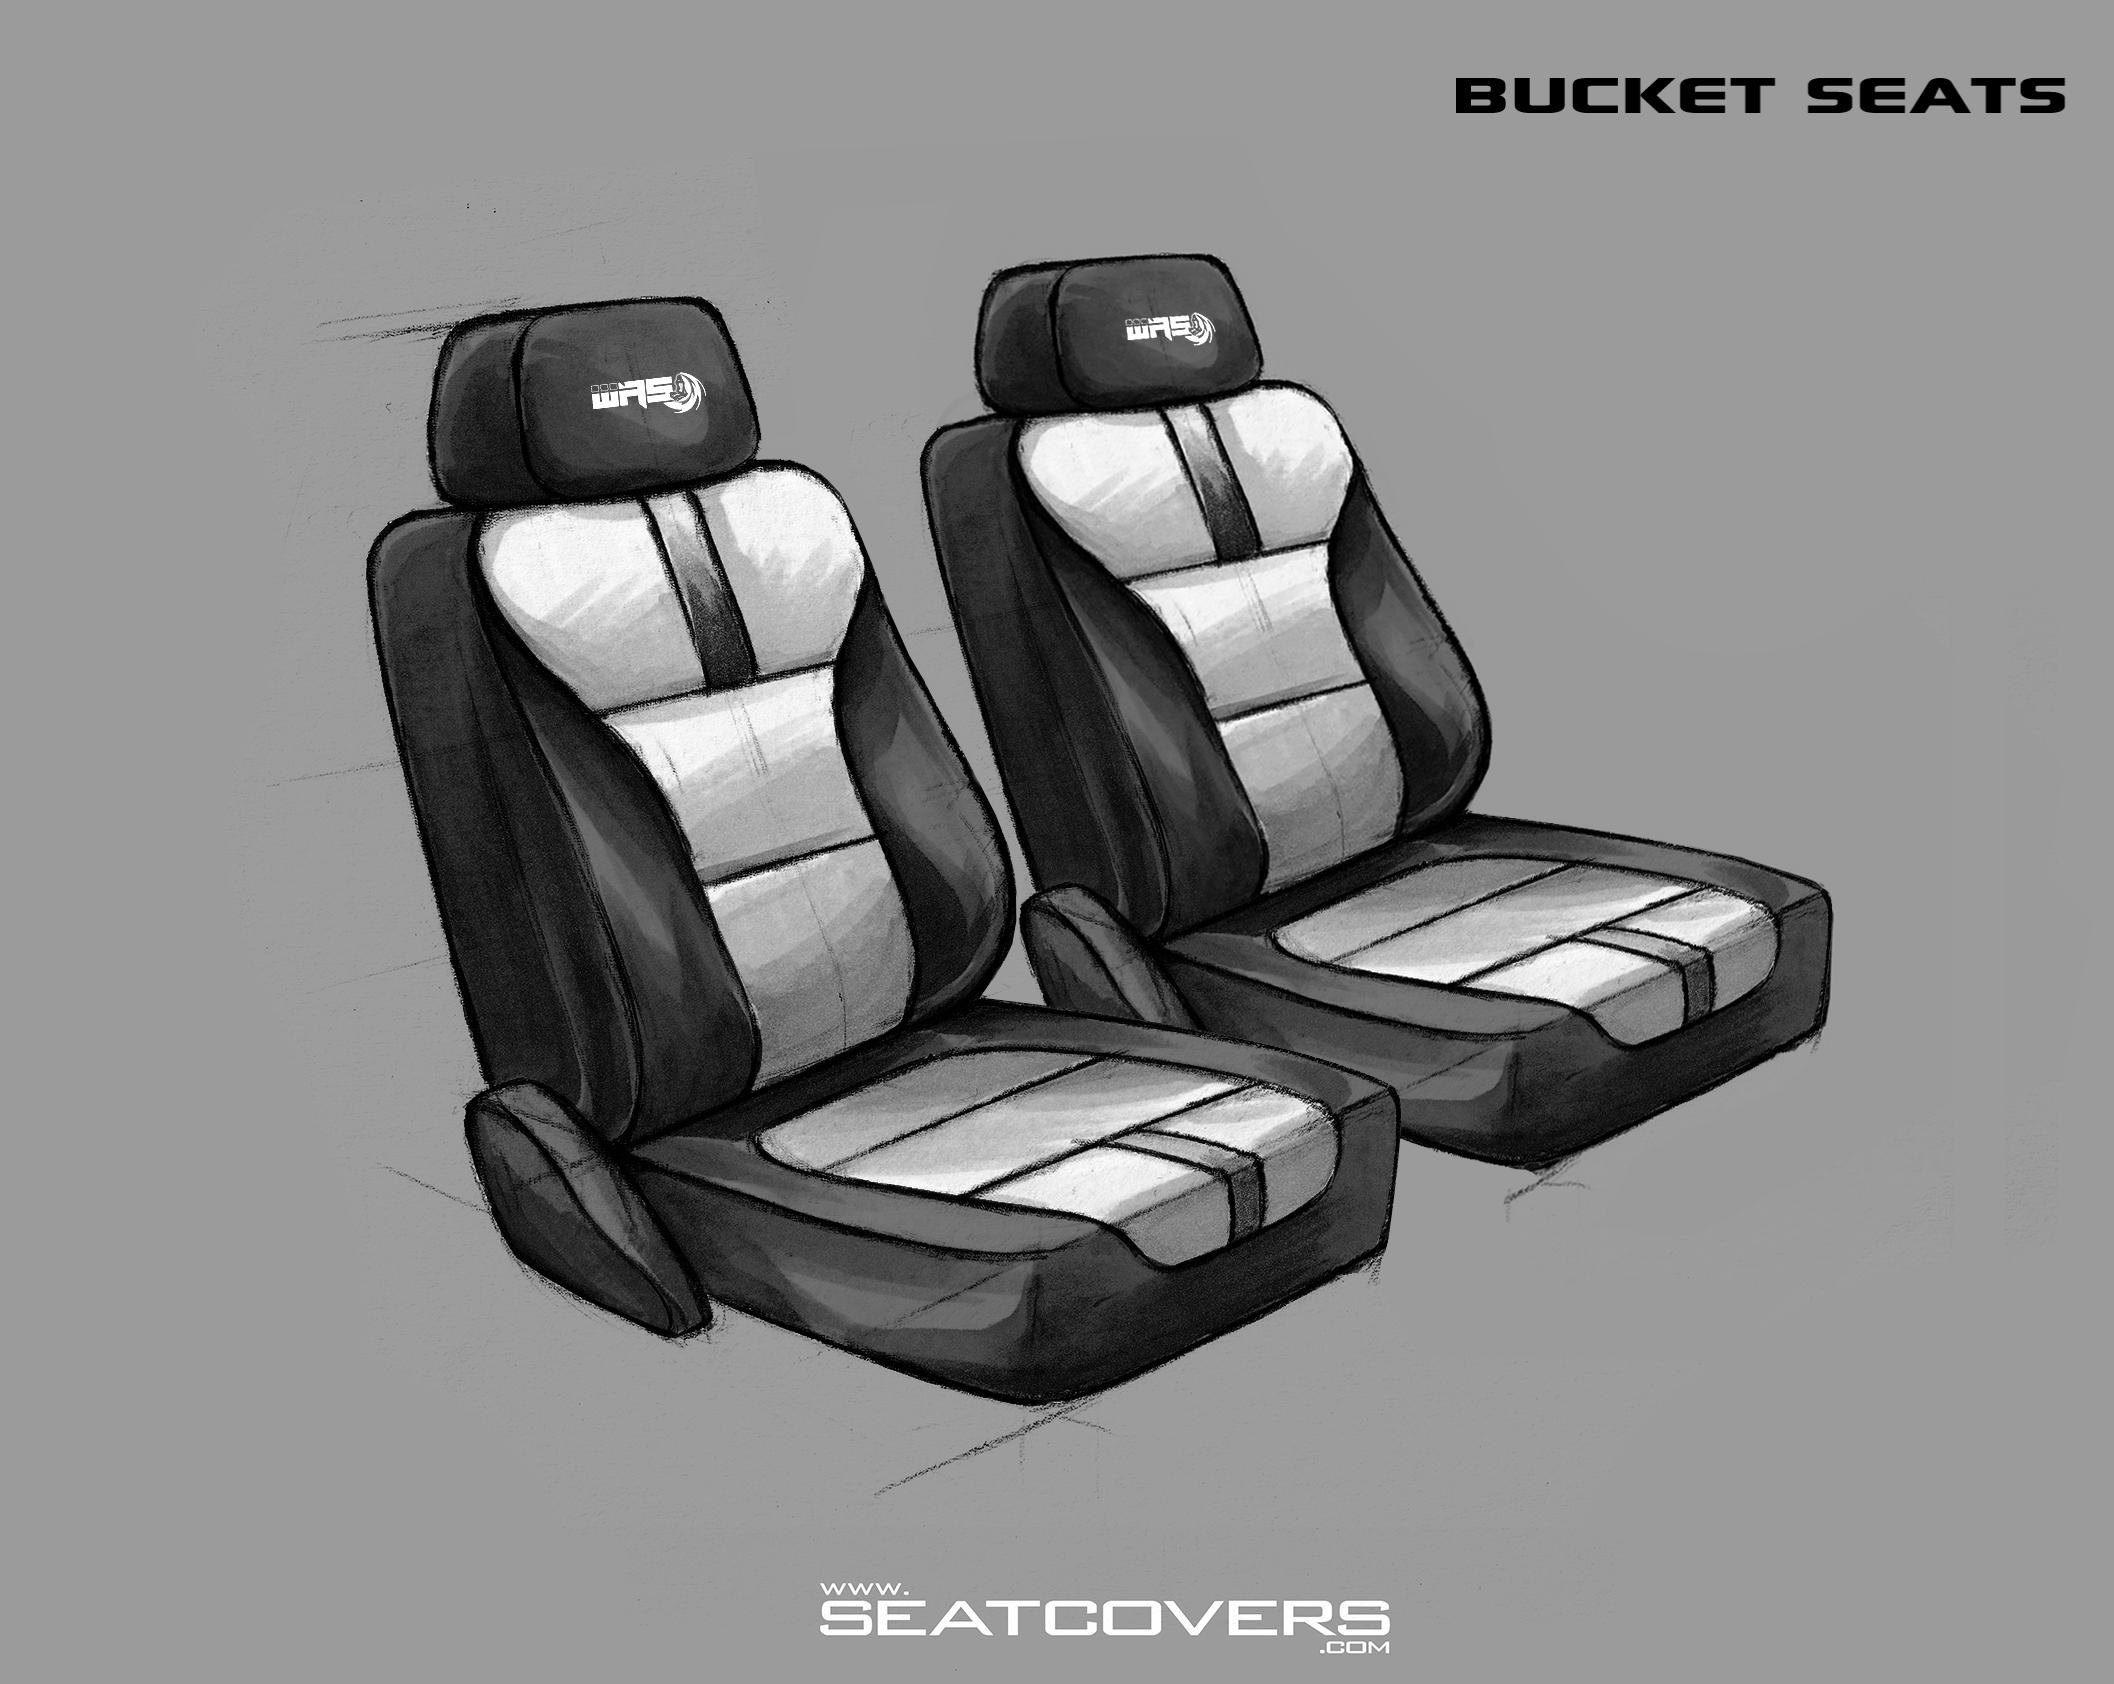 SIERRA SILVERADO, YUKON, TAHOE- Front Seat Covers www.seatcovers.com